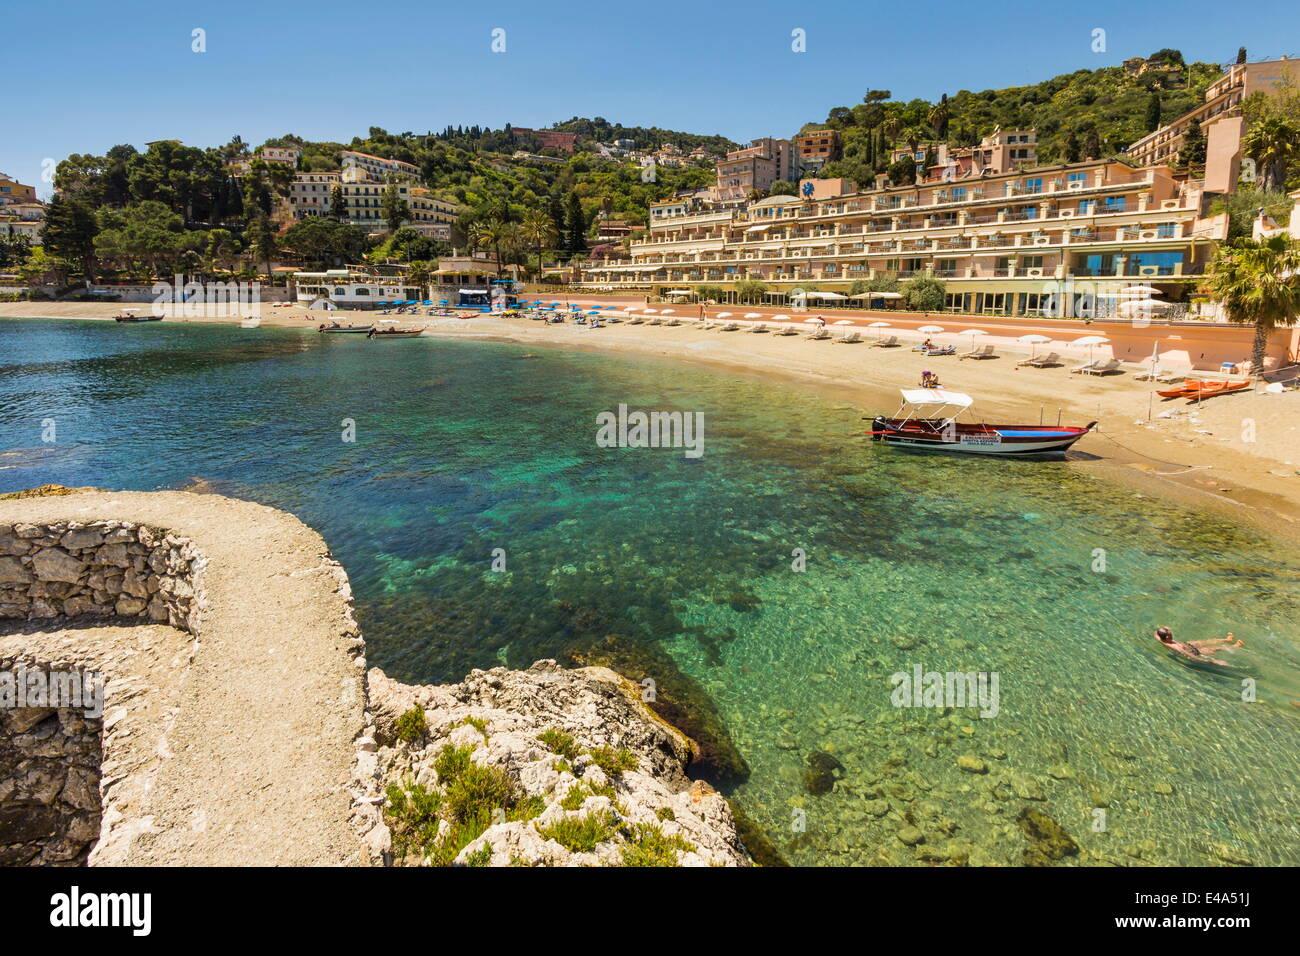 Mazzaro Bucht Und Das Hotel Mazzaro Sea Palace In Diesem Beliebten